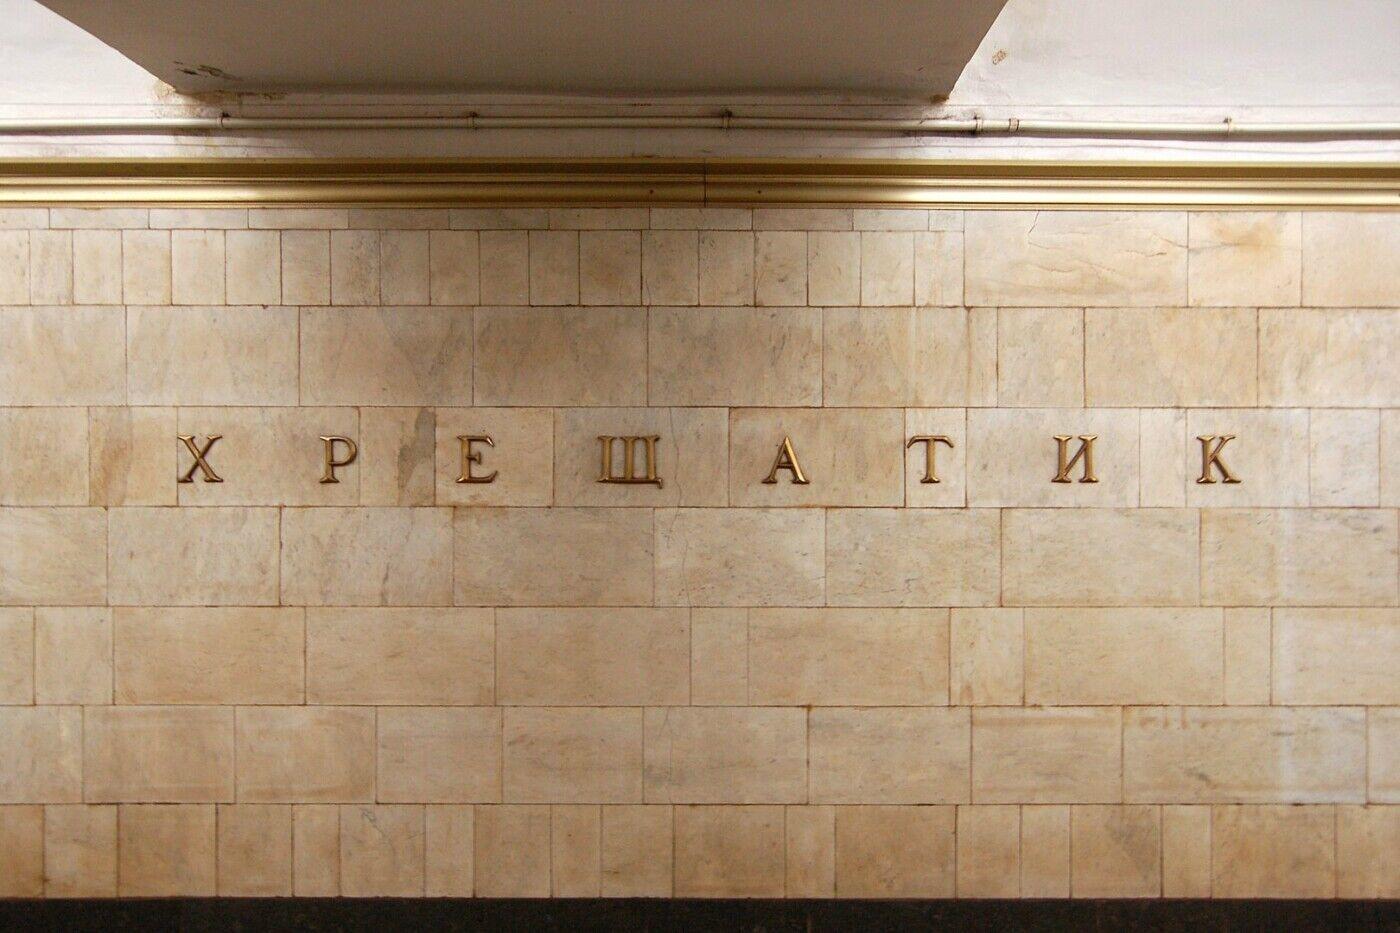 Станцію названо на честь однойменної вулиці Києва